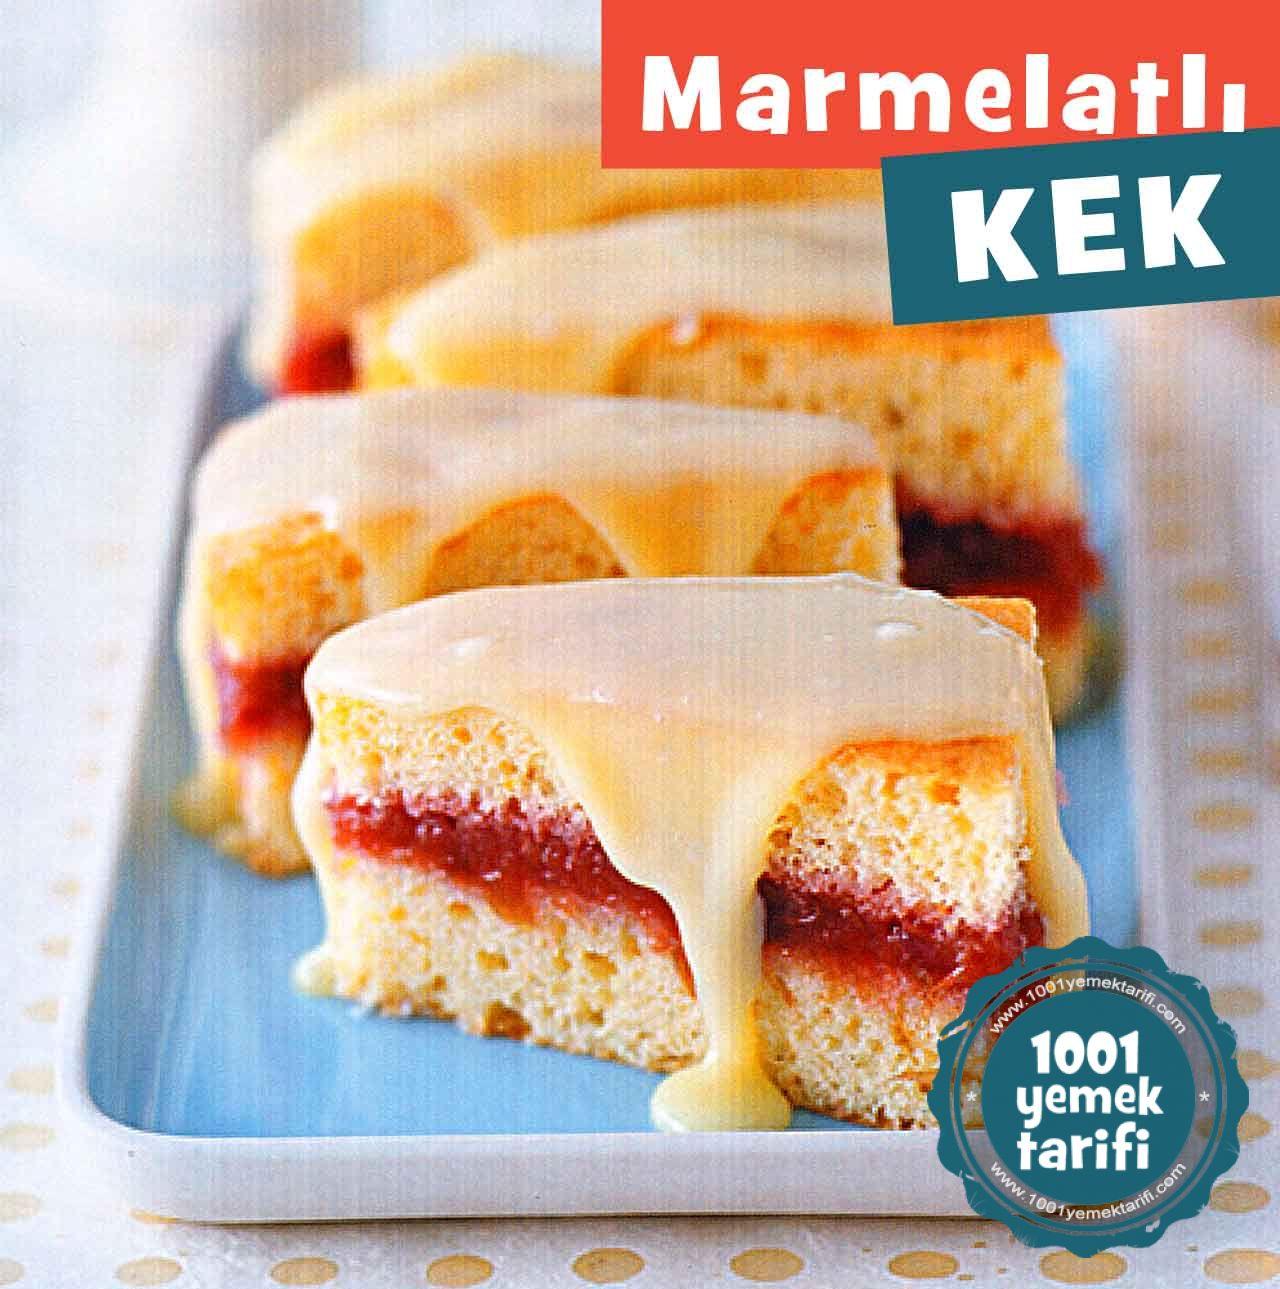 Marmelatli kek dilimleri nasil yapilir-yapimi kizilcik marmelati tariifi-nefis pasta tarifleri-kac kalori